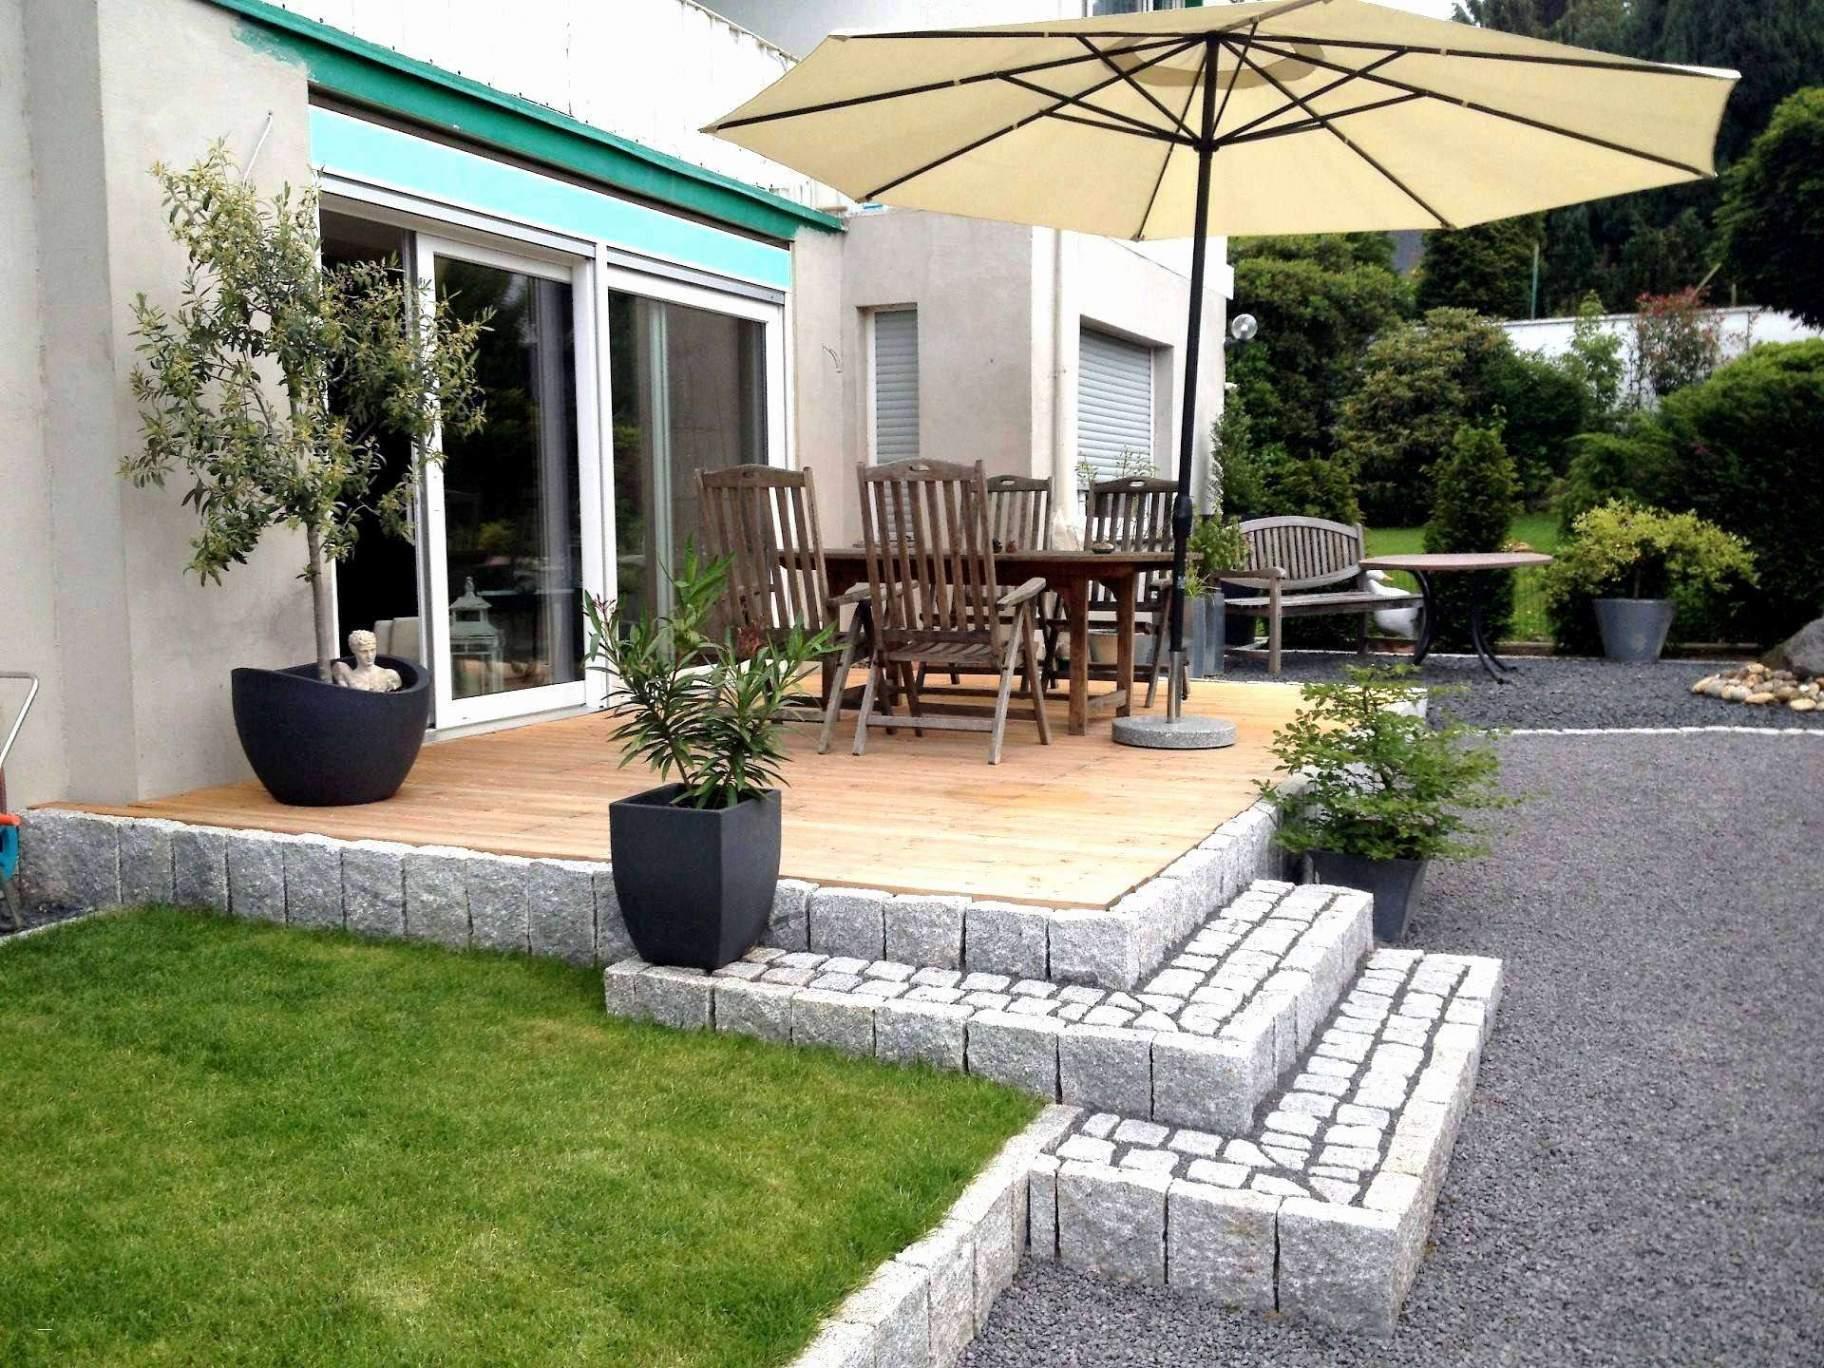 42 luxus natursteine garten galerie ideen fur grillplatz ideen fur grillplatz